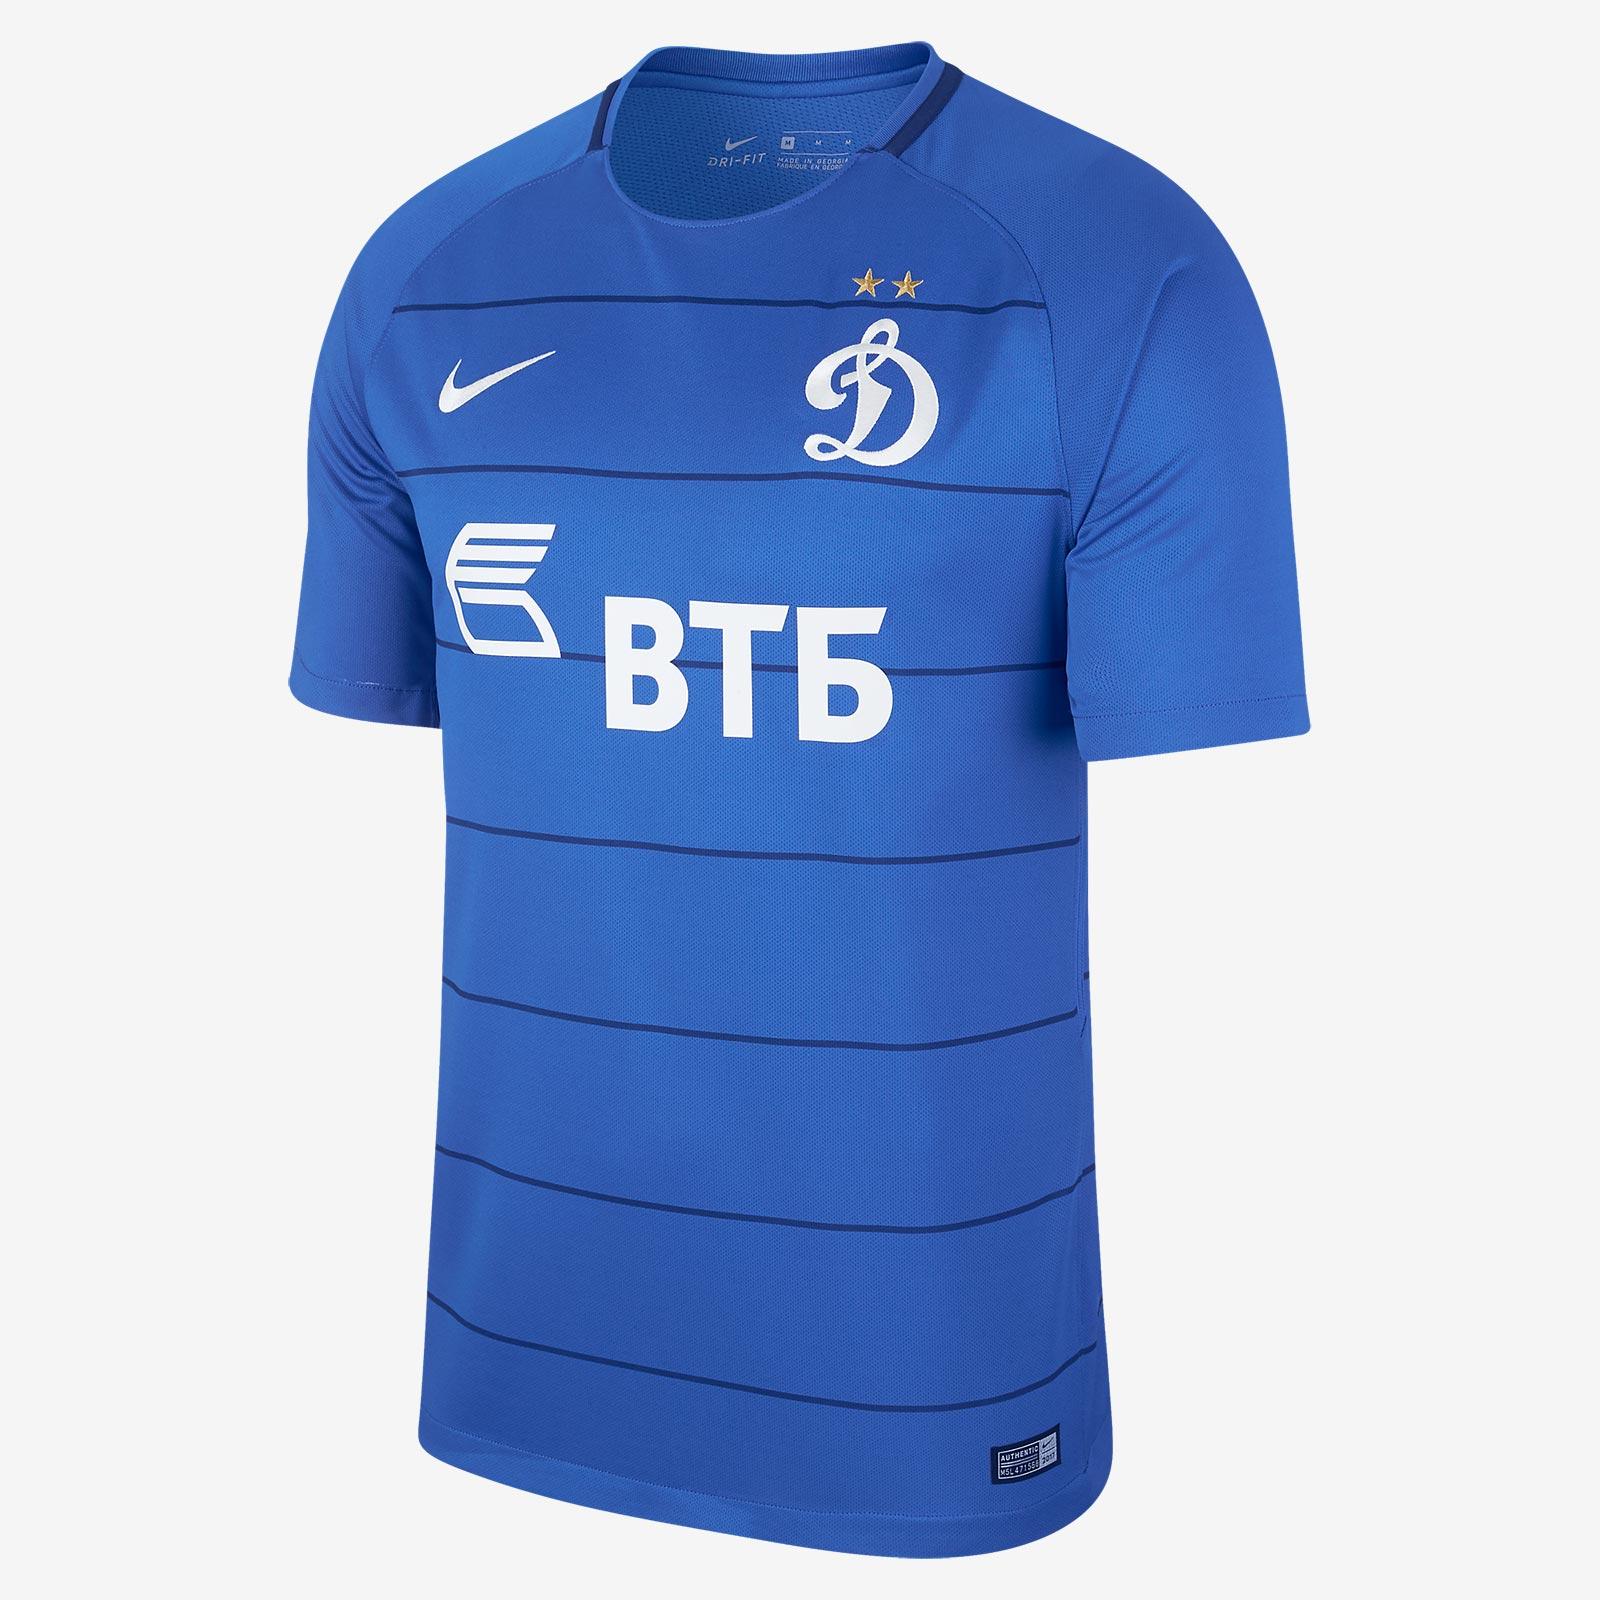 several controversies 201718 russian premier league kit